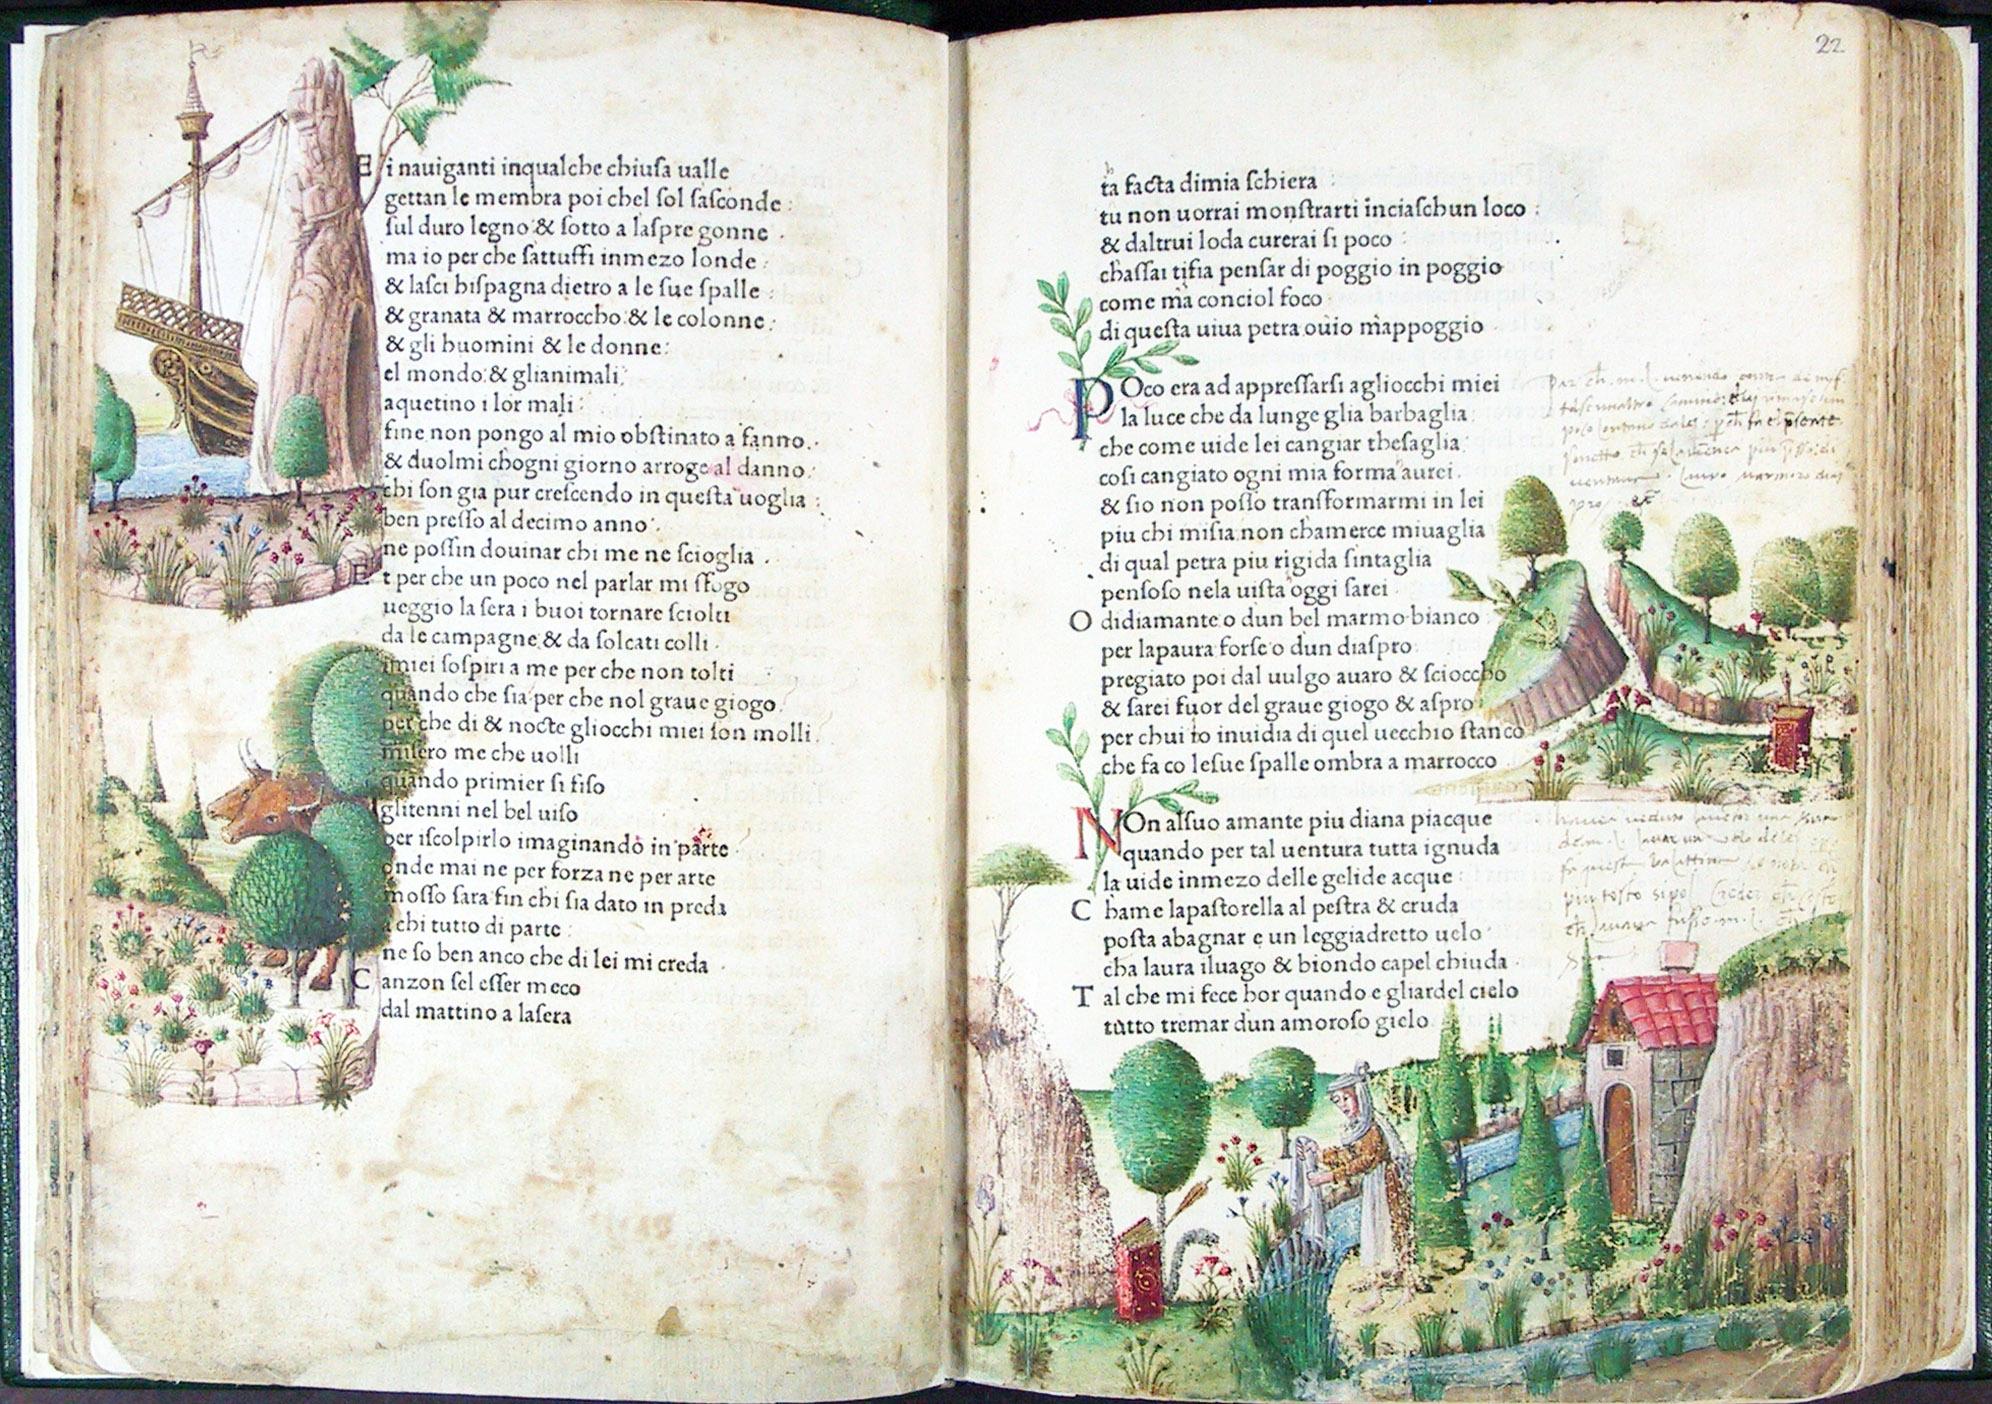 1470 Petrarca Canzoniere E Trionfi Miniato Misinta